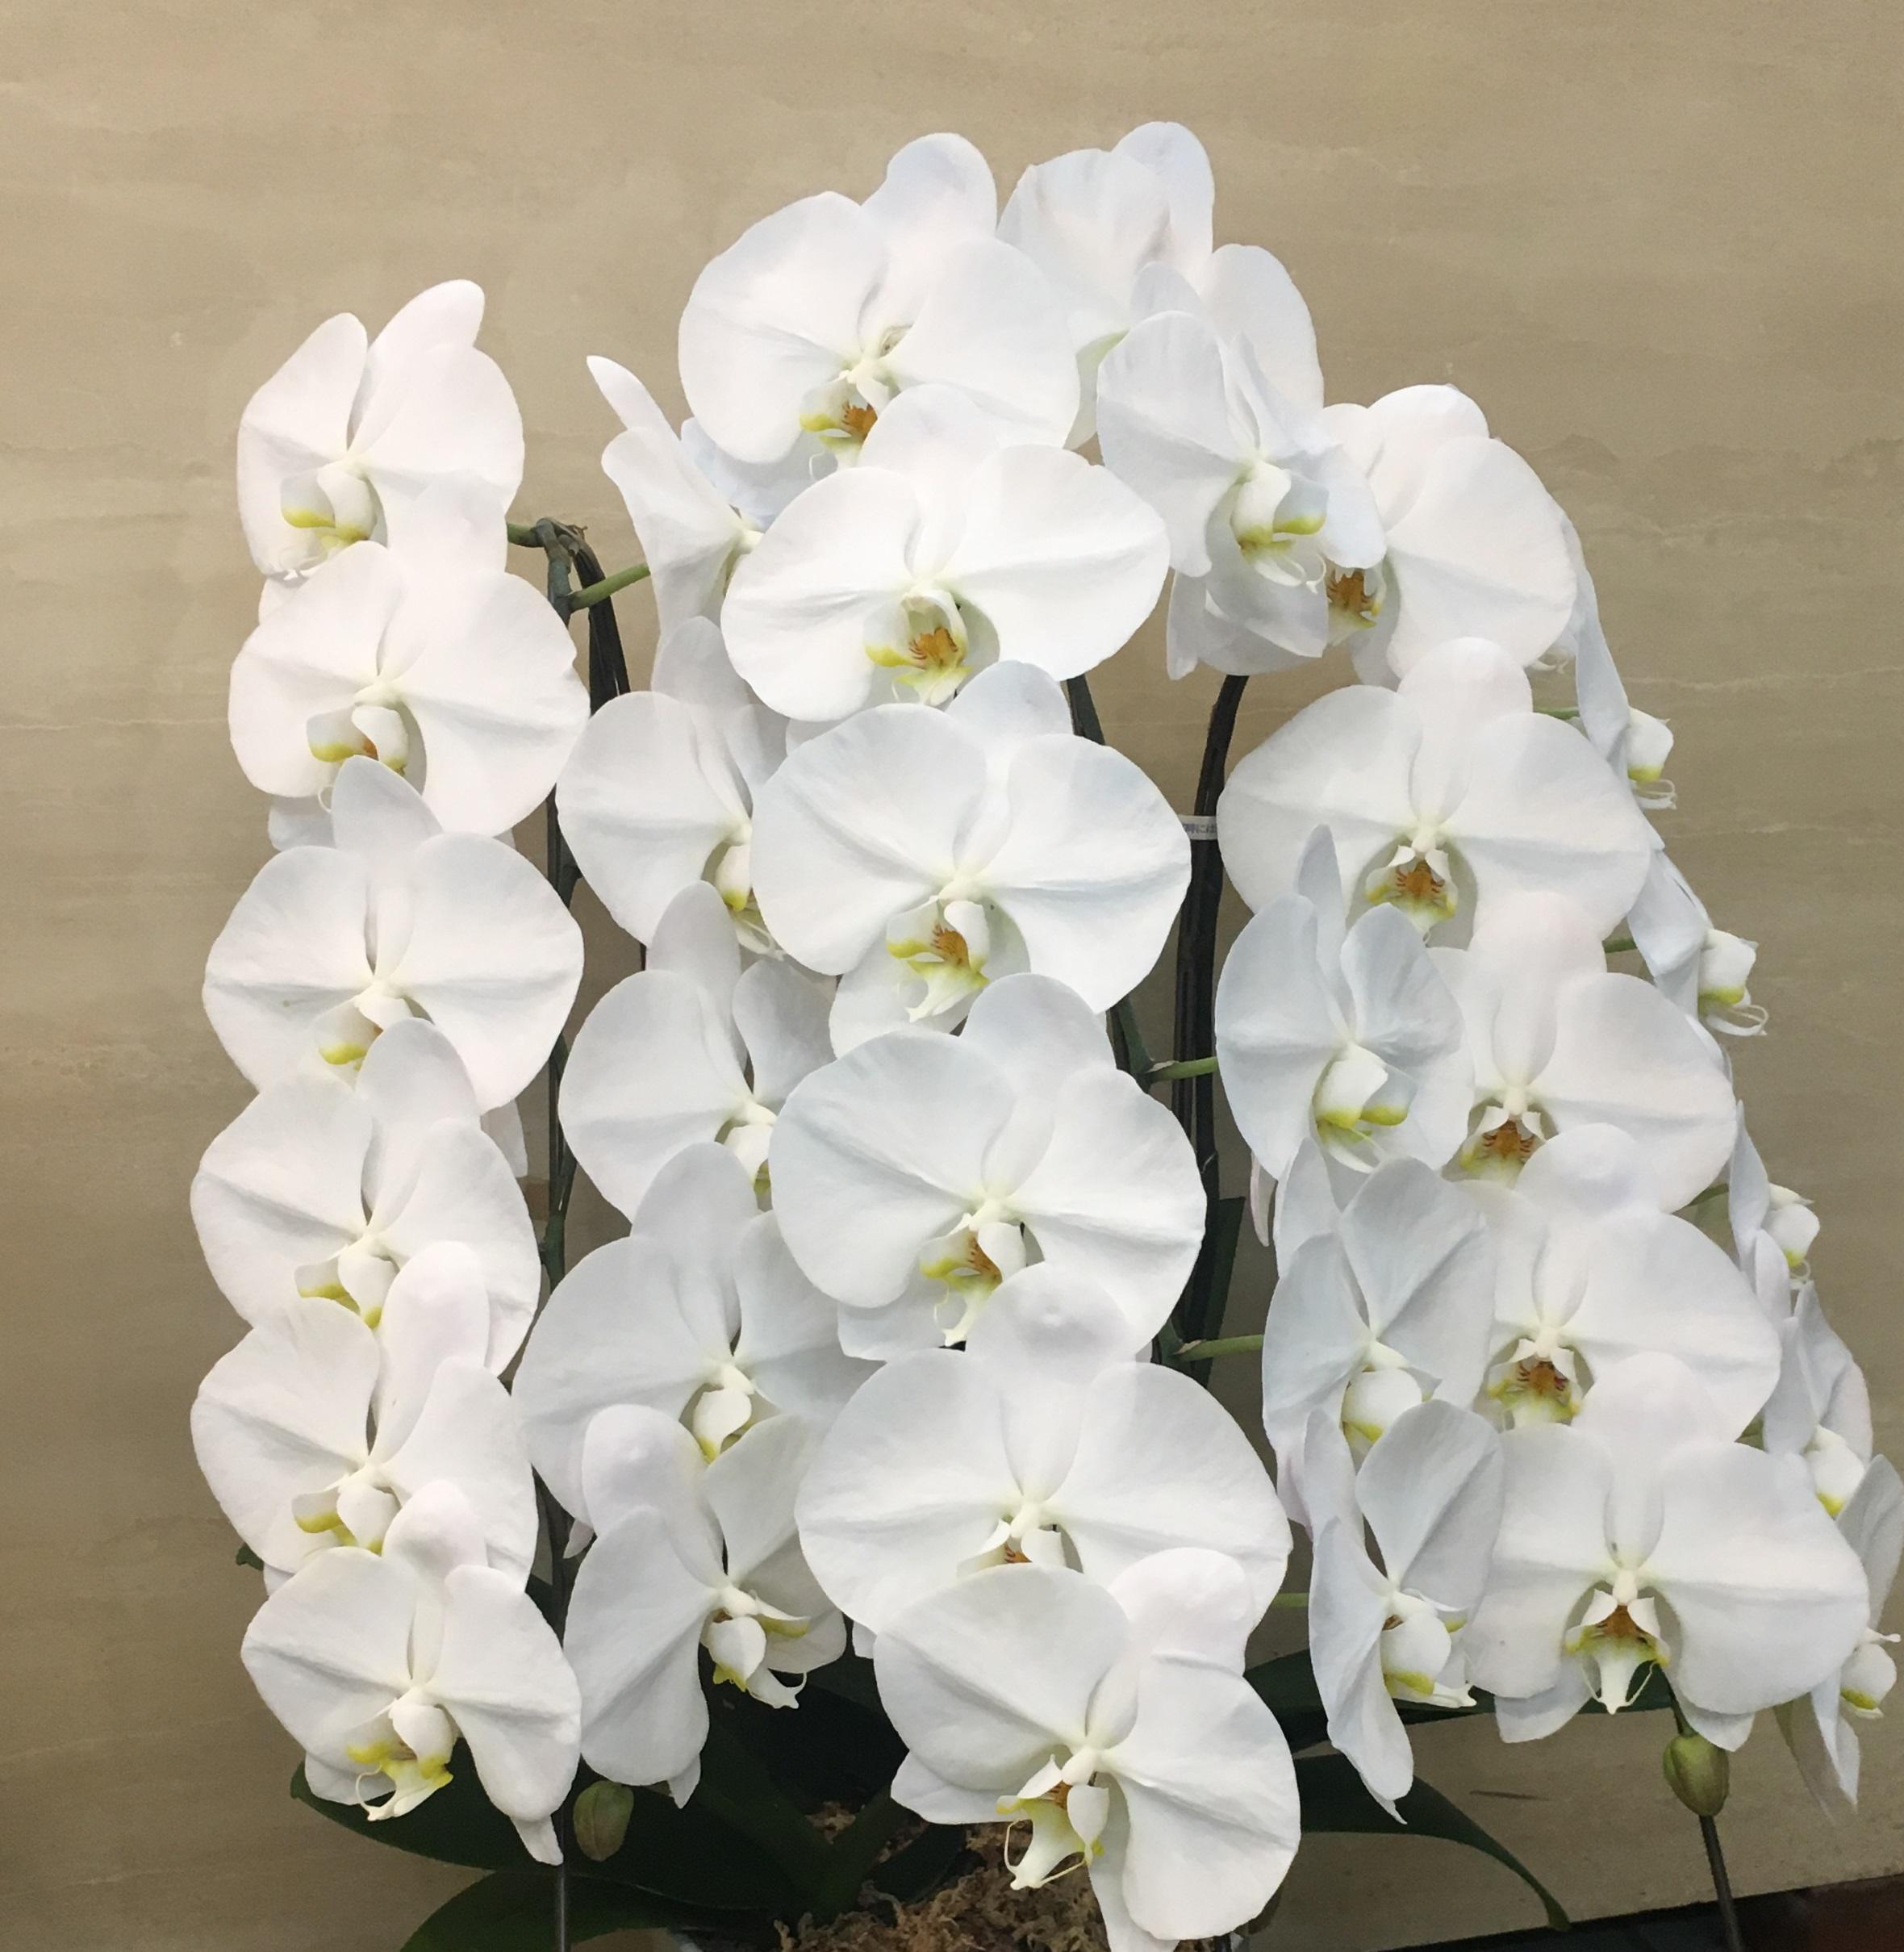 【ナオ花屋の納品事例207】横浜市の神奈川県民ホールへバルーンフラワーを配達しました!